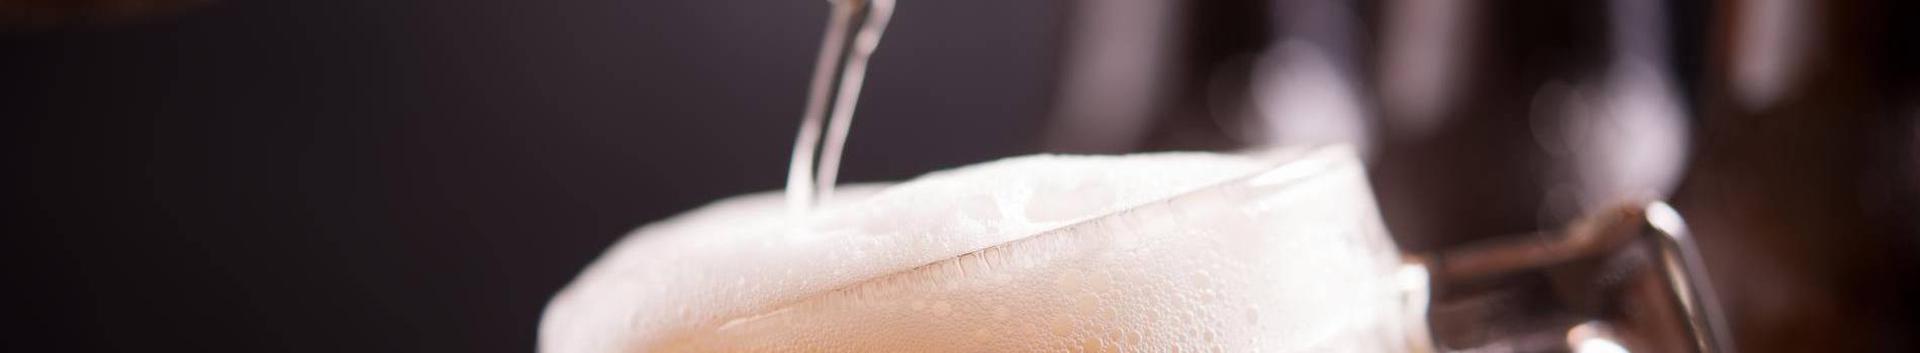 46341_alkoholi-hulgimuuk_17692035_xl.jpg